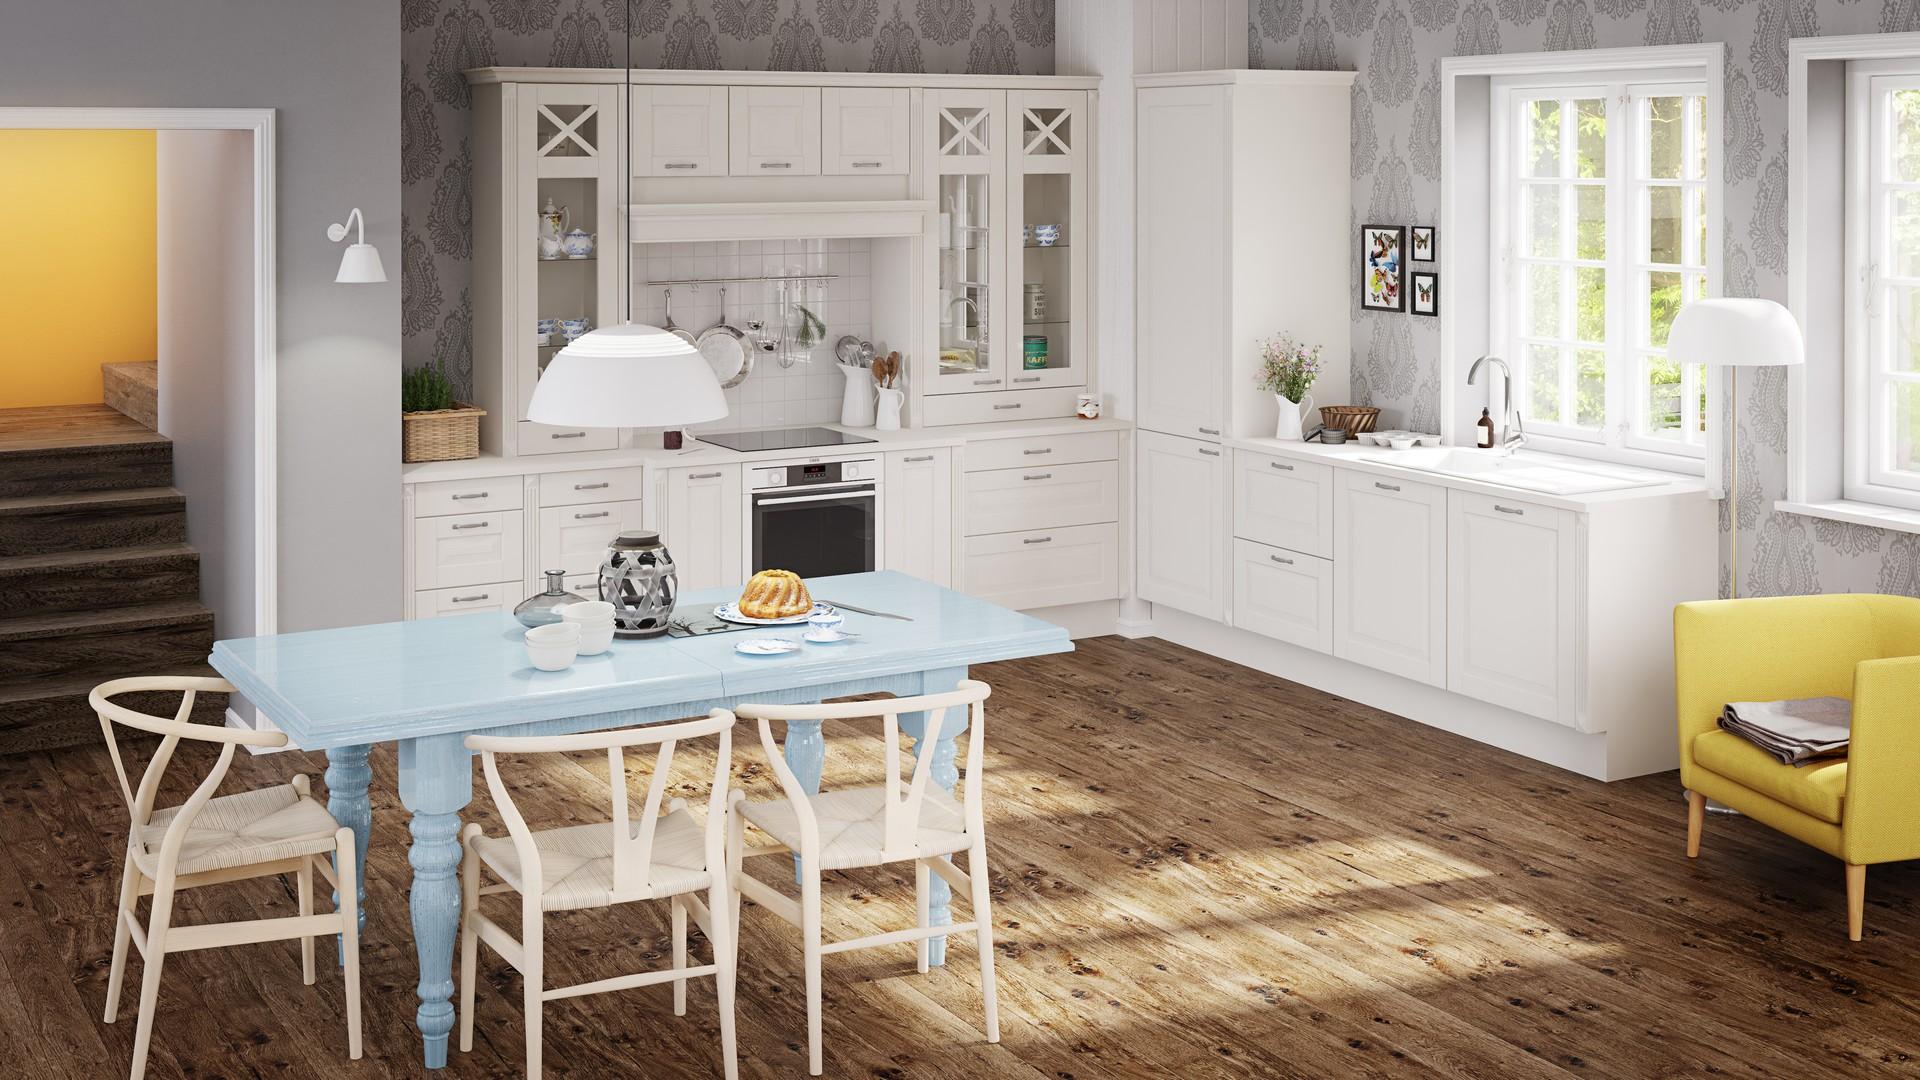 Petra keittiöiden uusi Uniikki mallisto modernia maalaisromantiikkaa keittiöön